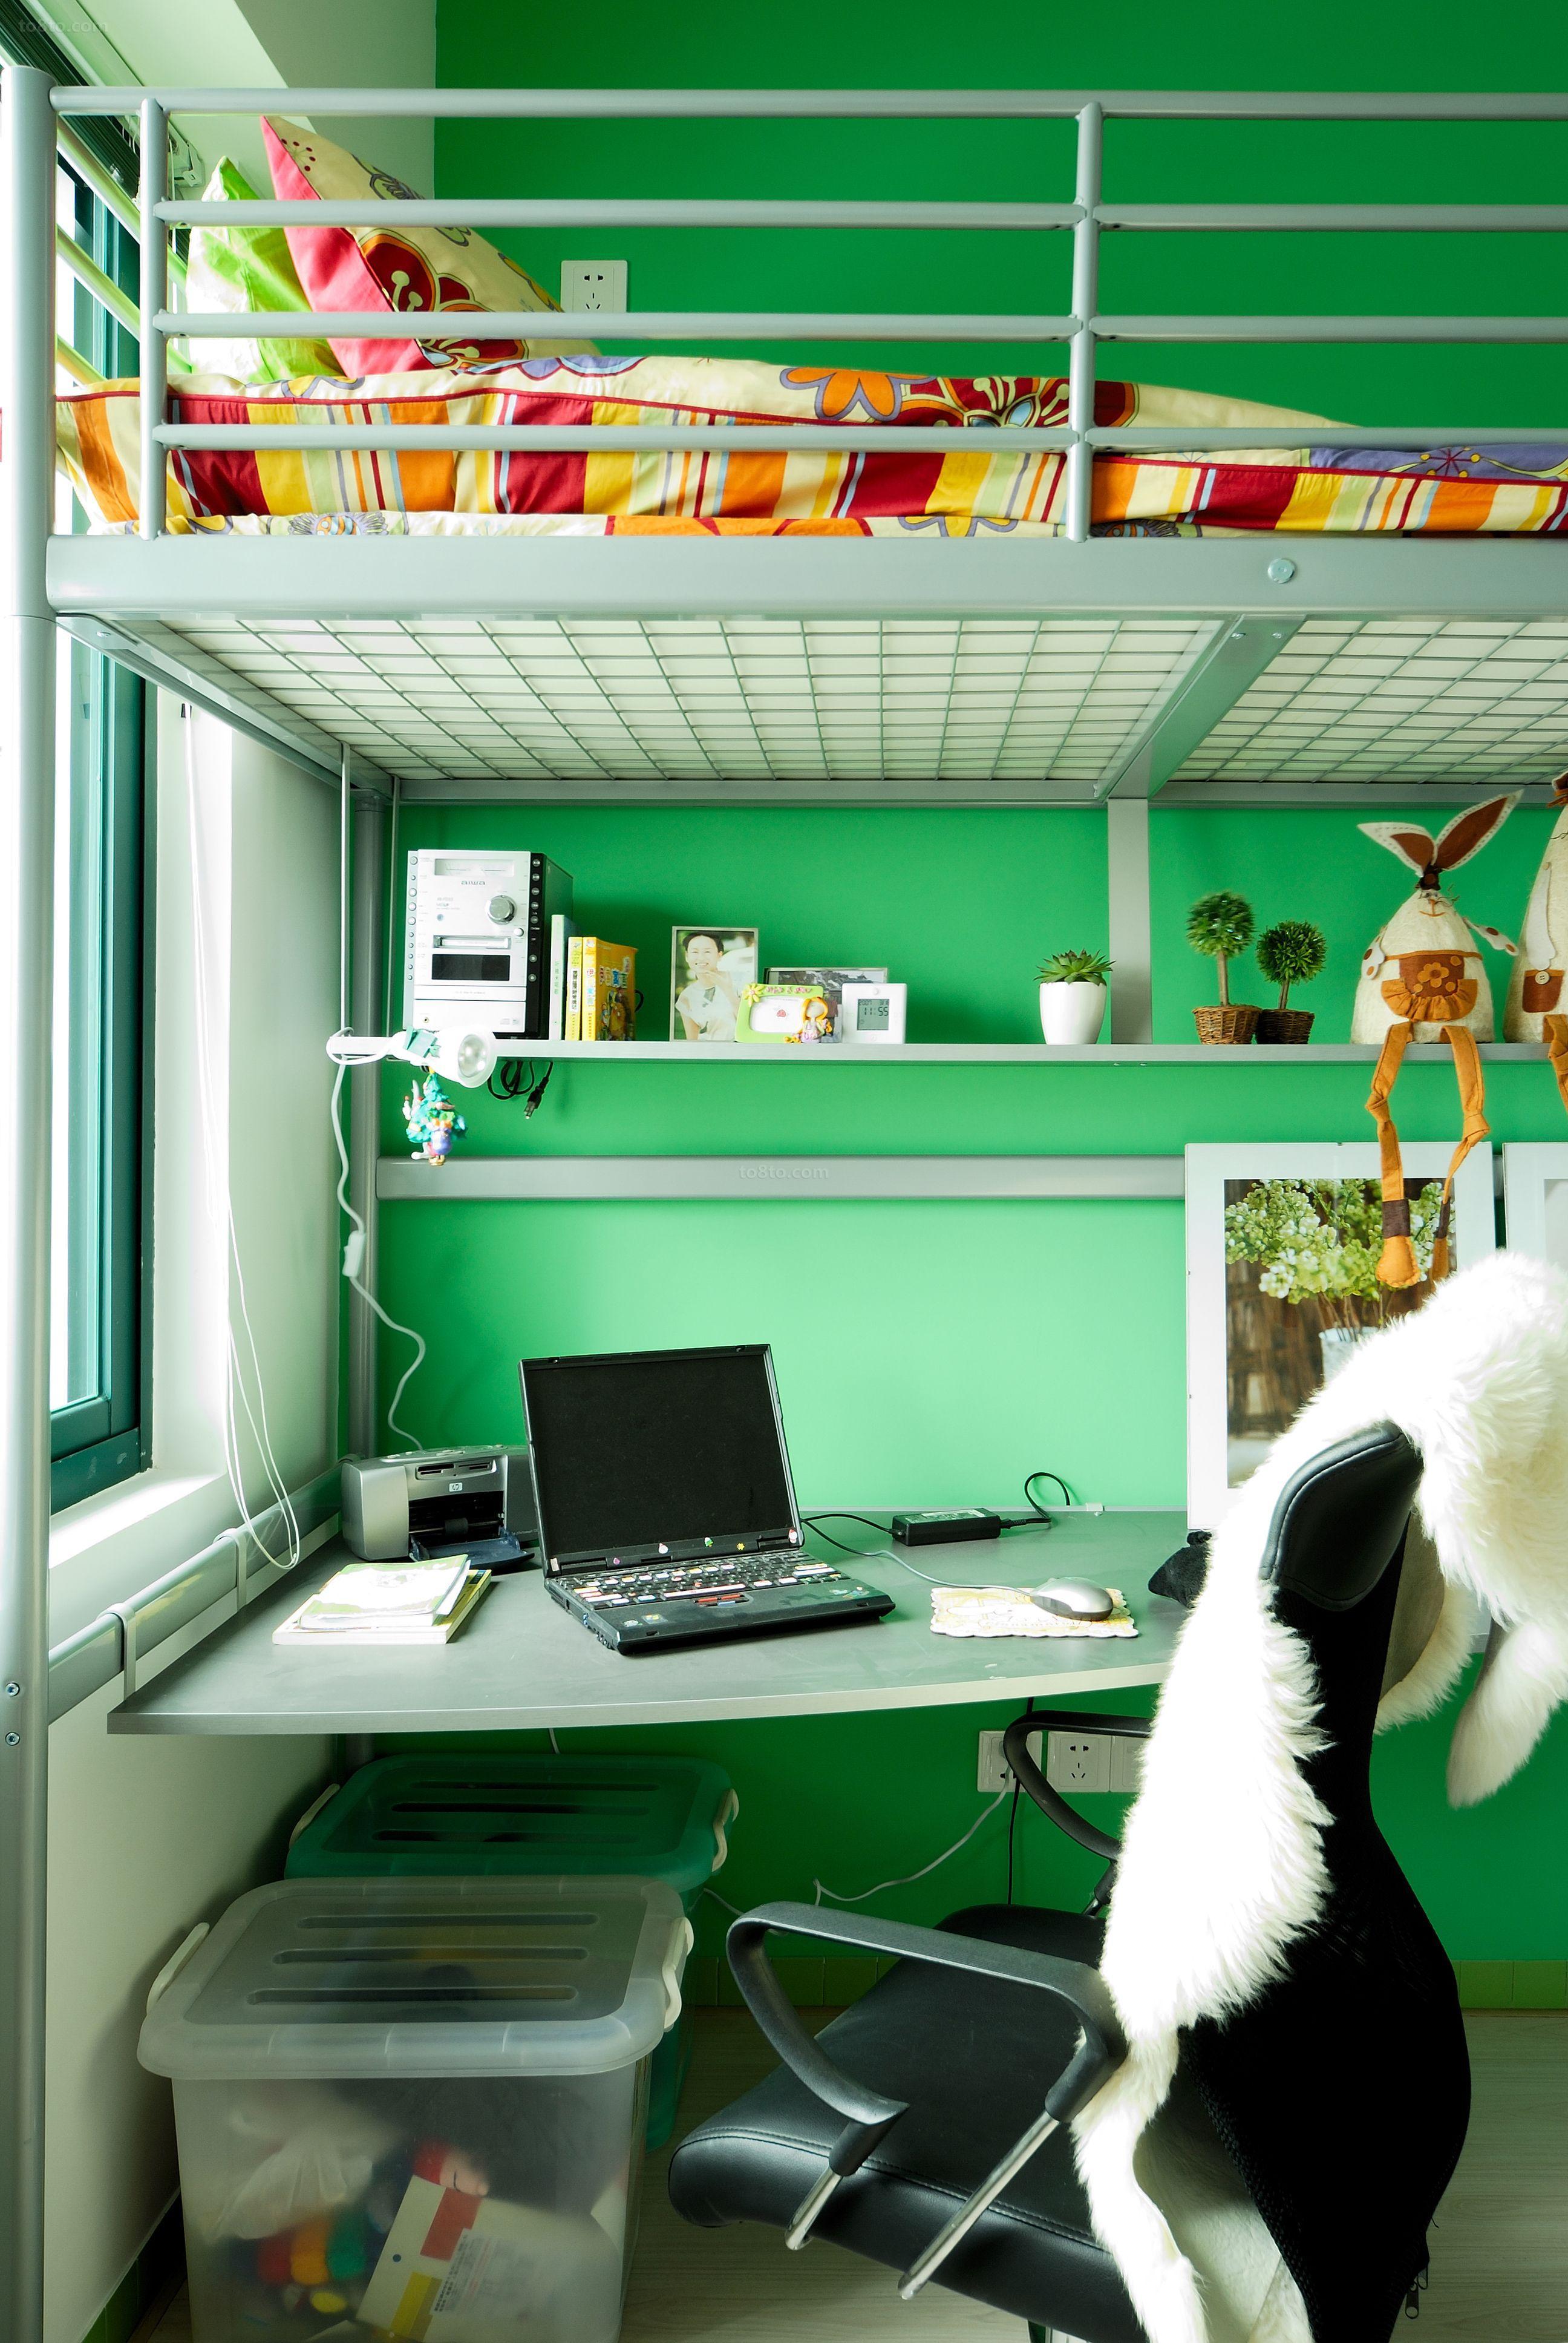 家装室内书桌设计效果图欣赏